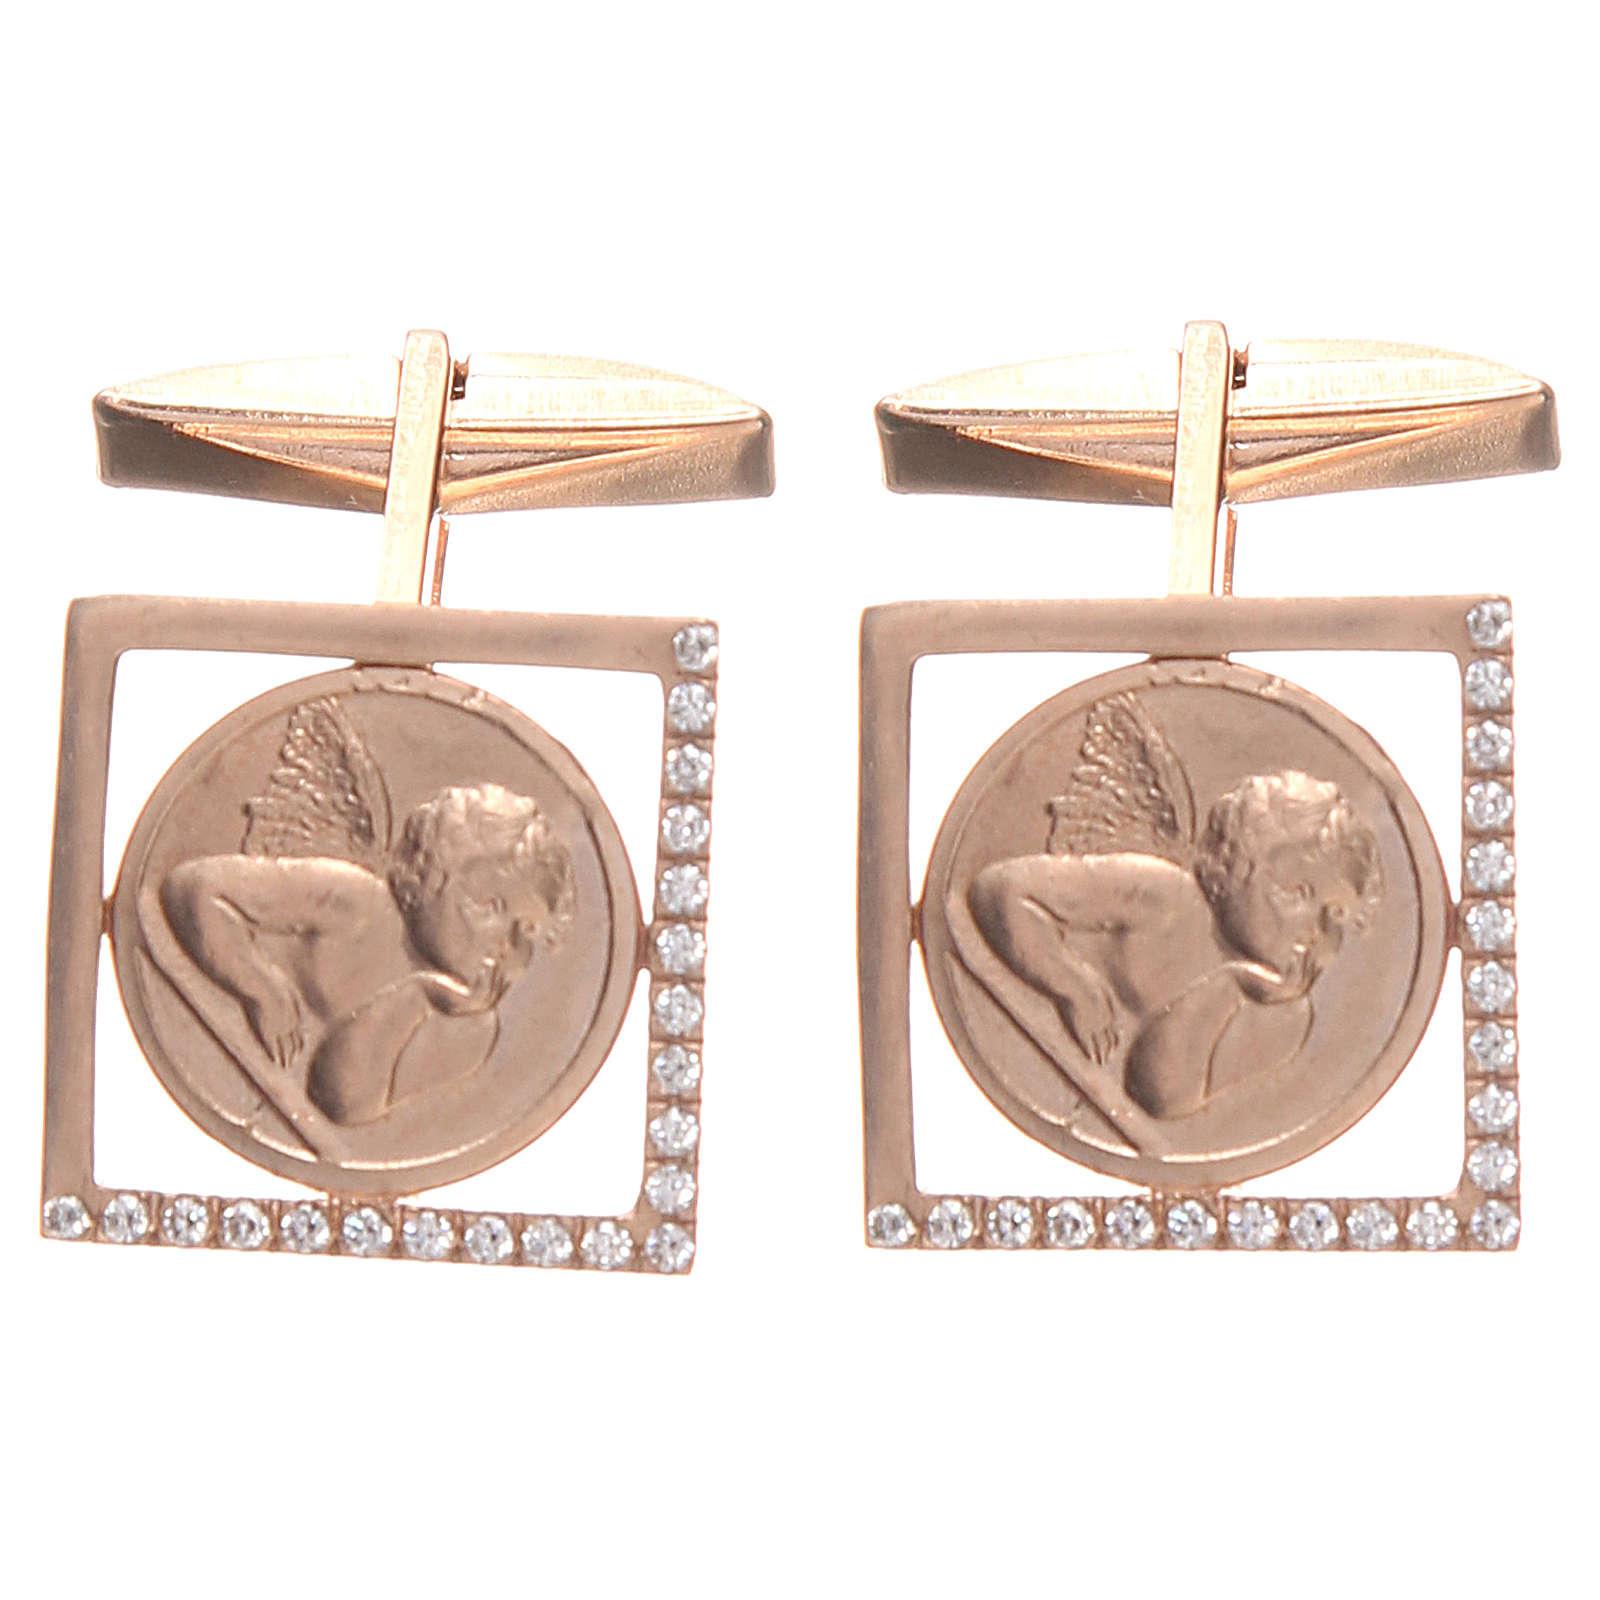 Spinki do koszuli srebro 800 Anioł Raffaella 1.7x1.7 cm 4